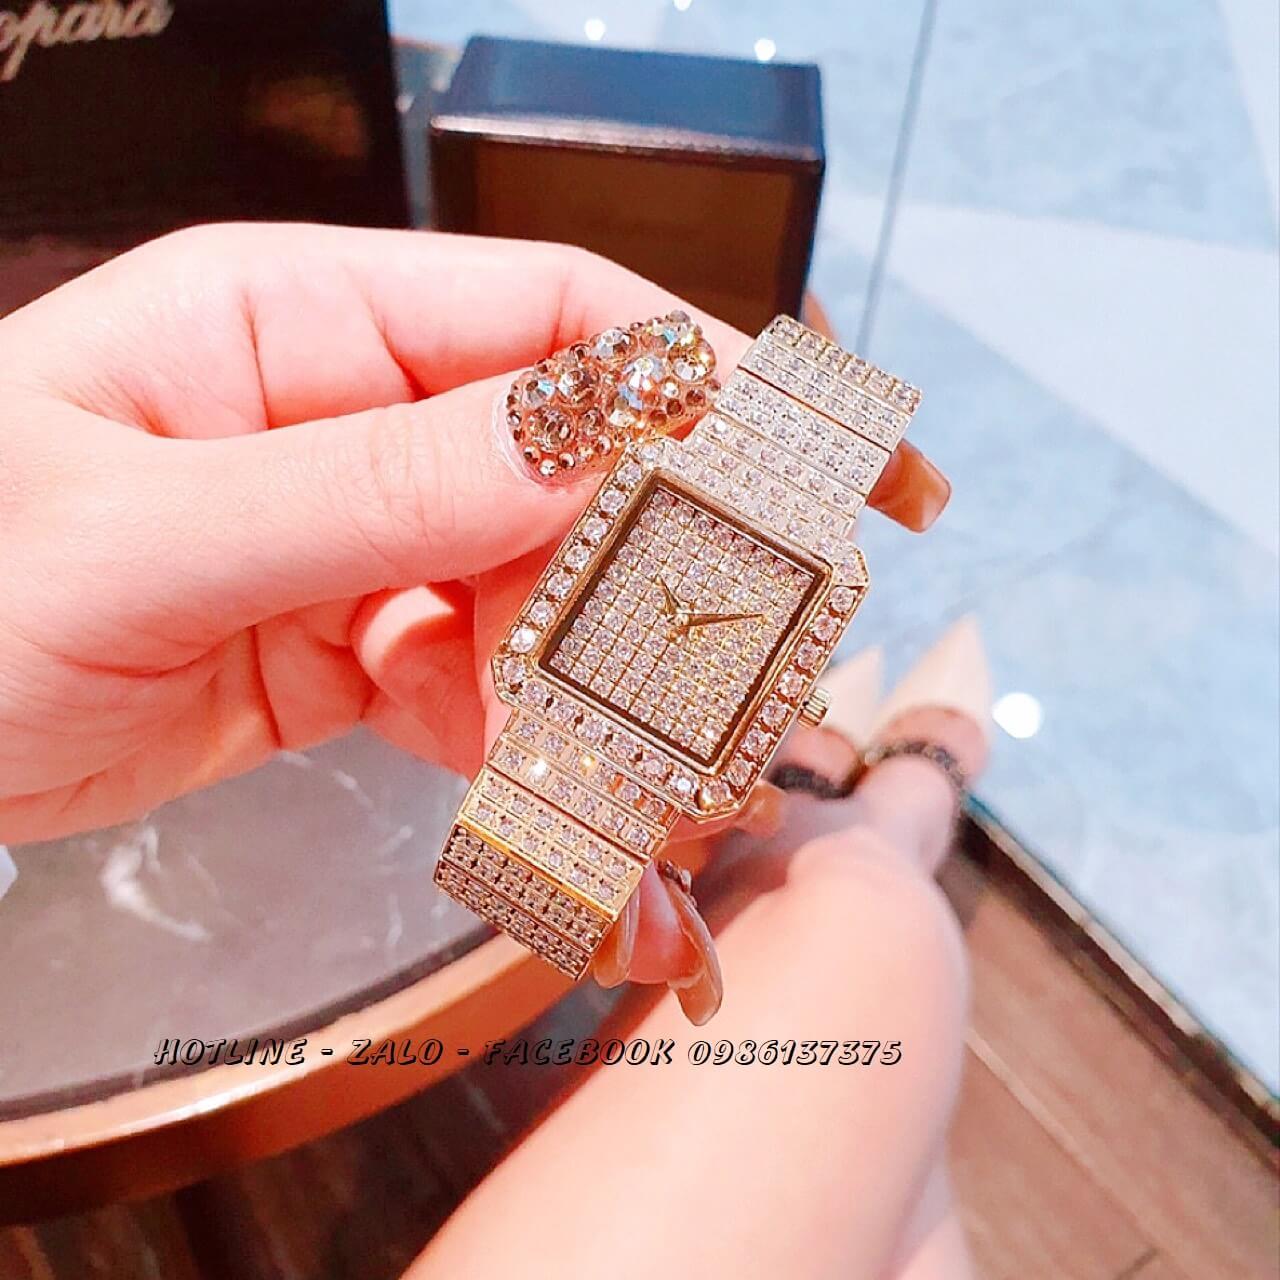 Đồng Hồ Piaget Nữ Vuông Đính Xoàn Gold 26mm